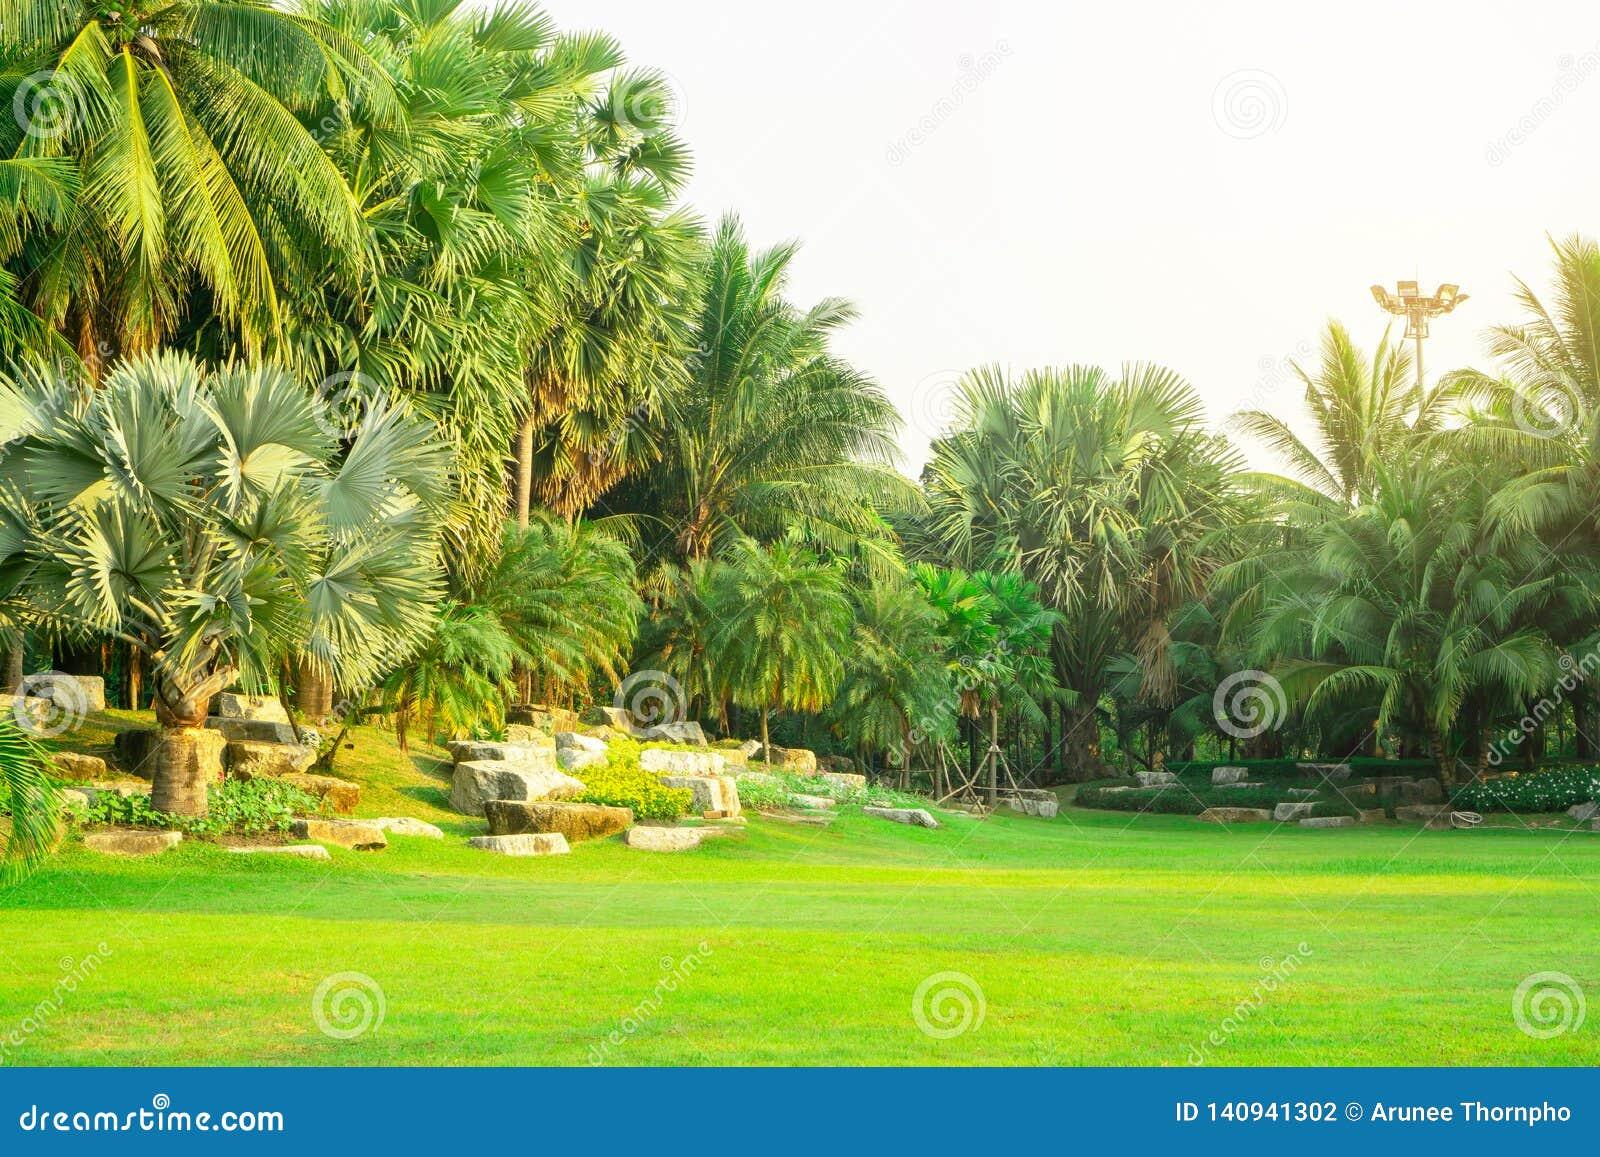 Świeży zielony Manila trawy jard, gładki gazon w piękni botaniczni drzewka palmowe uprawia ogródek, dobrzy opieka krajobrazy w ja